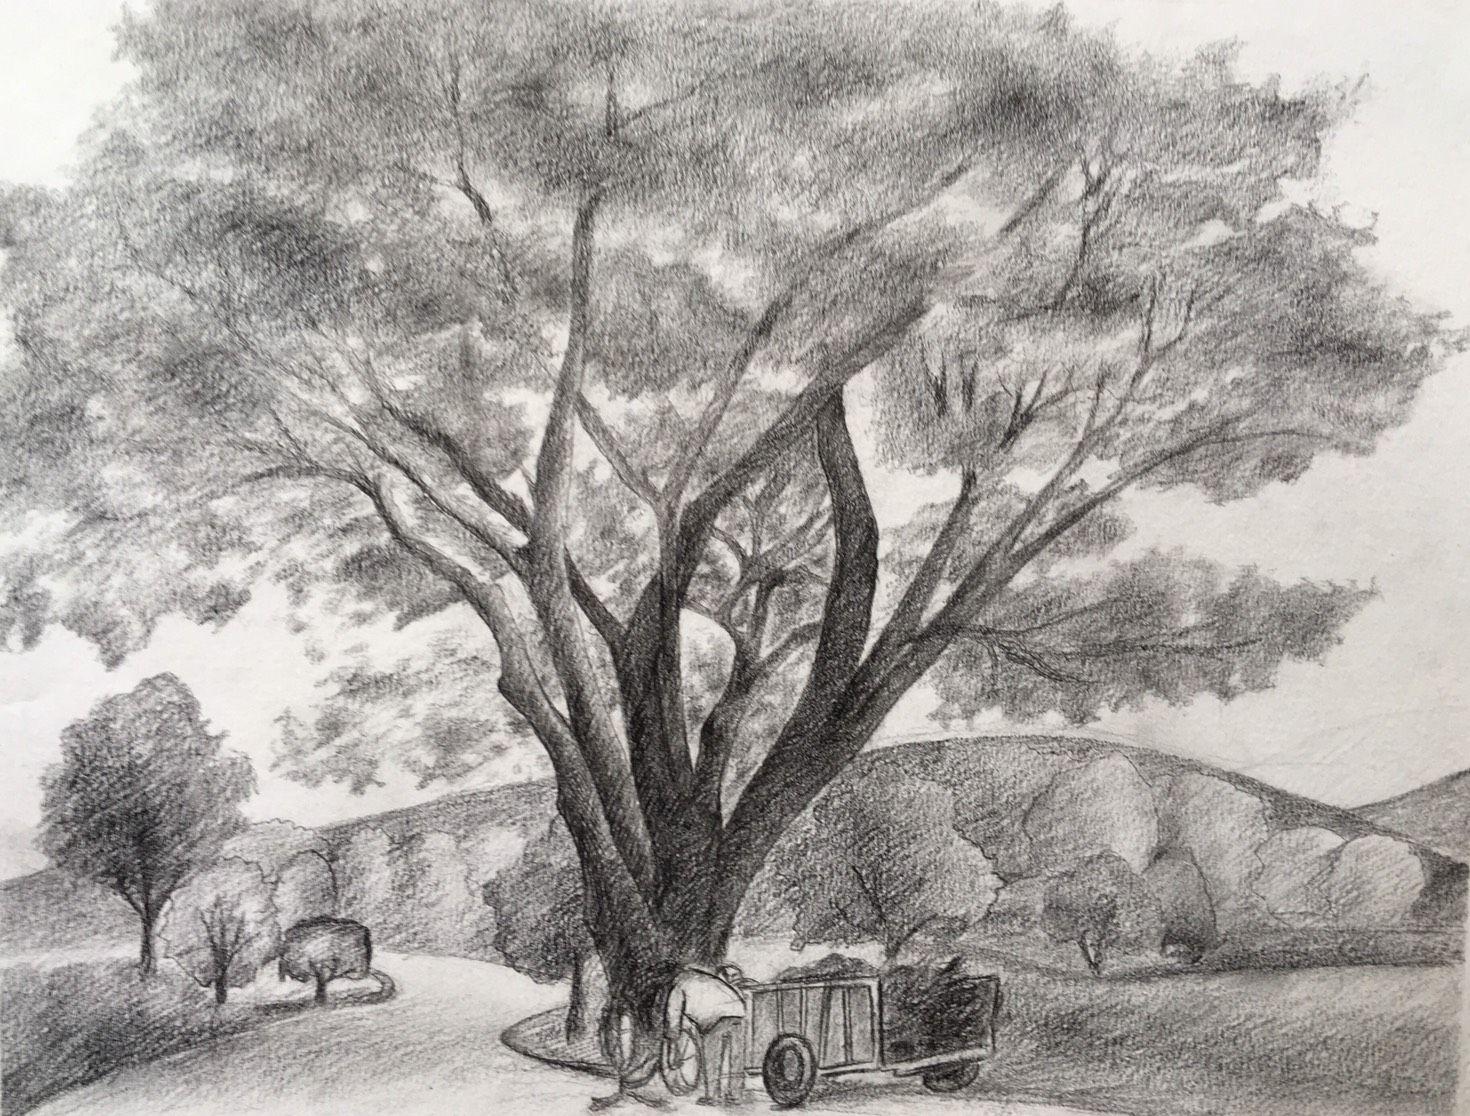 การวาดเส น ท วท ศน บ านไร ทอส ศ ภกร มงคลพร กอล ฟ ม ๖ Drawing Landscape Mr Supakorn Mongkolporn Golf M 6 ภาพศ ลปะ ท วท ศน ภาพวาด